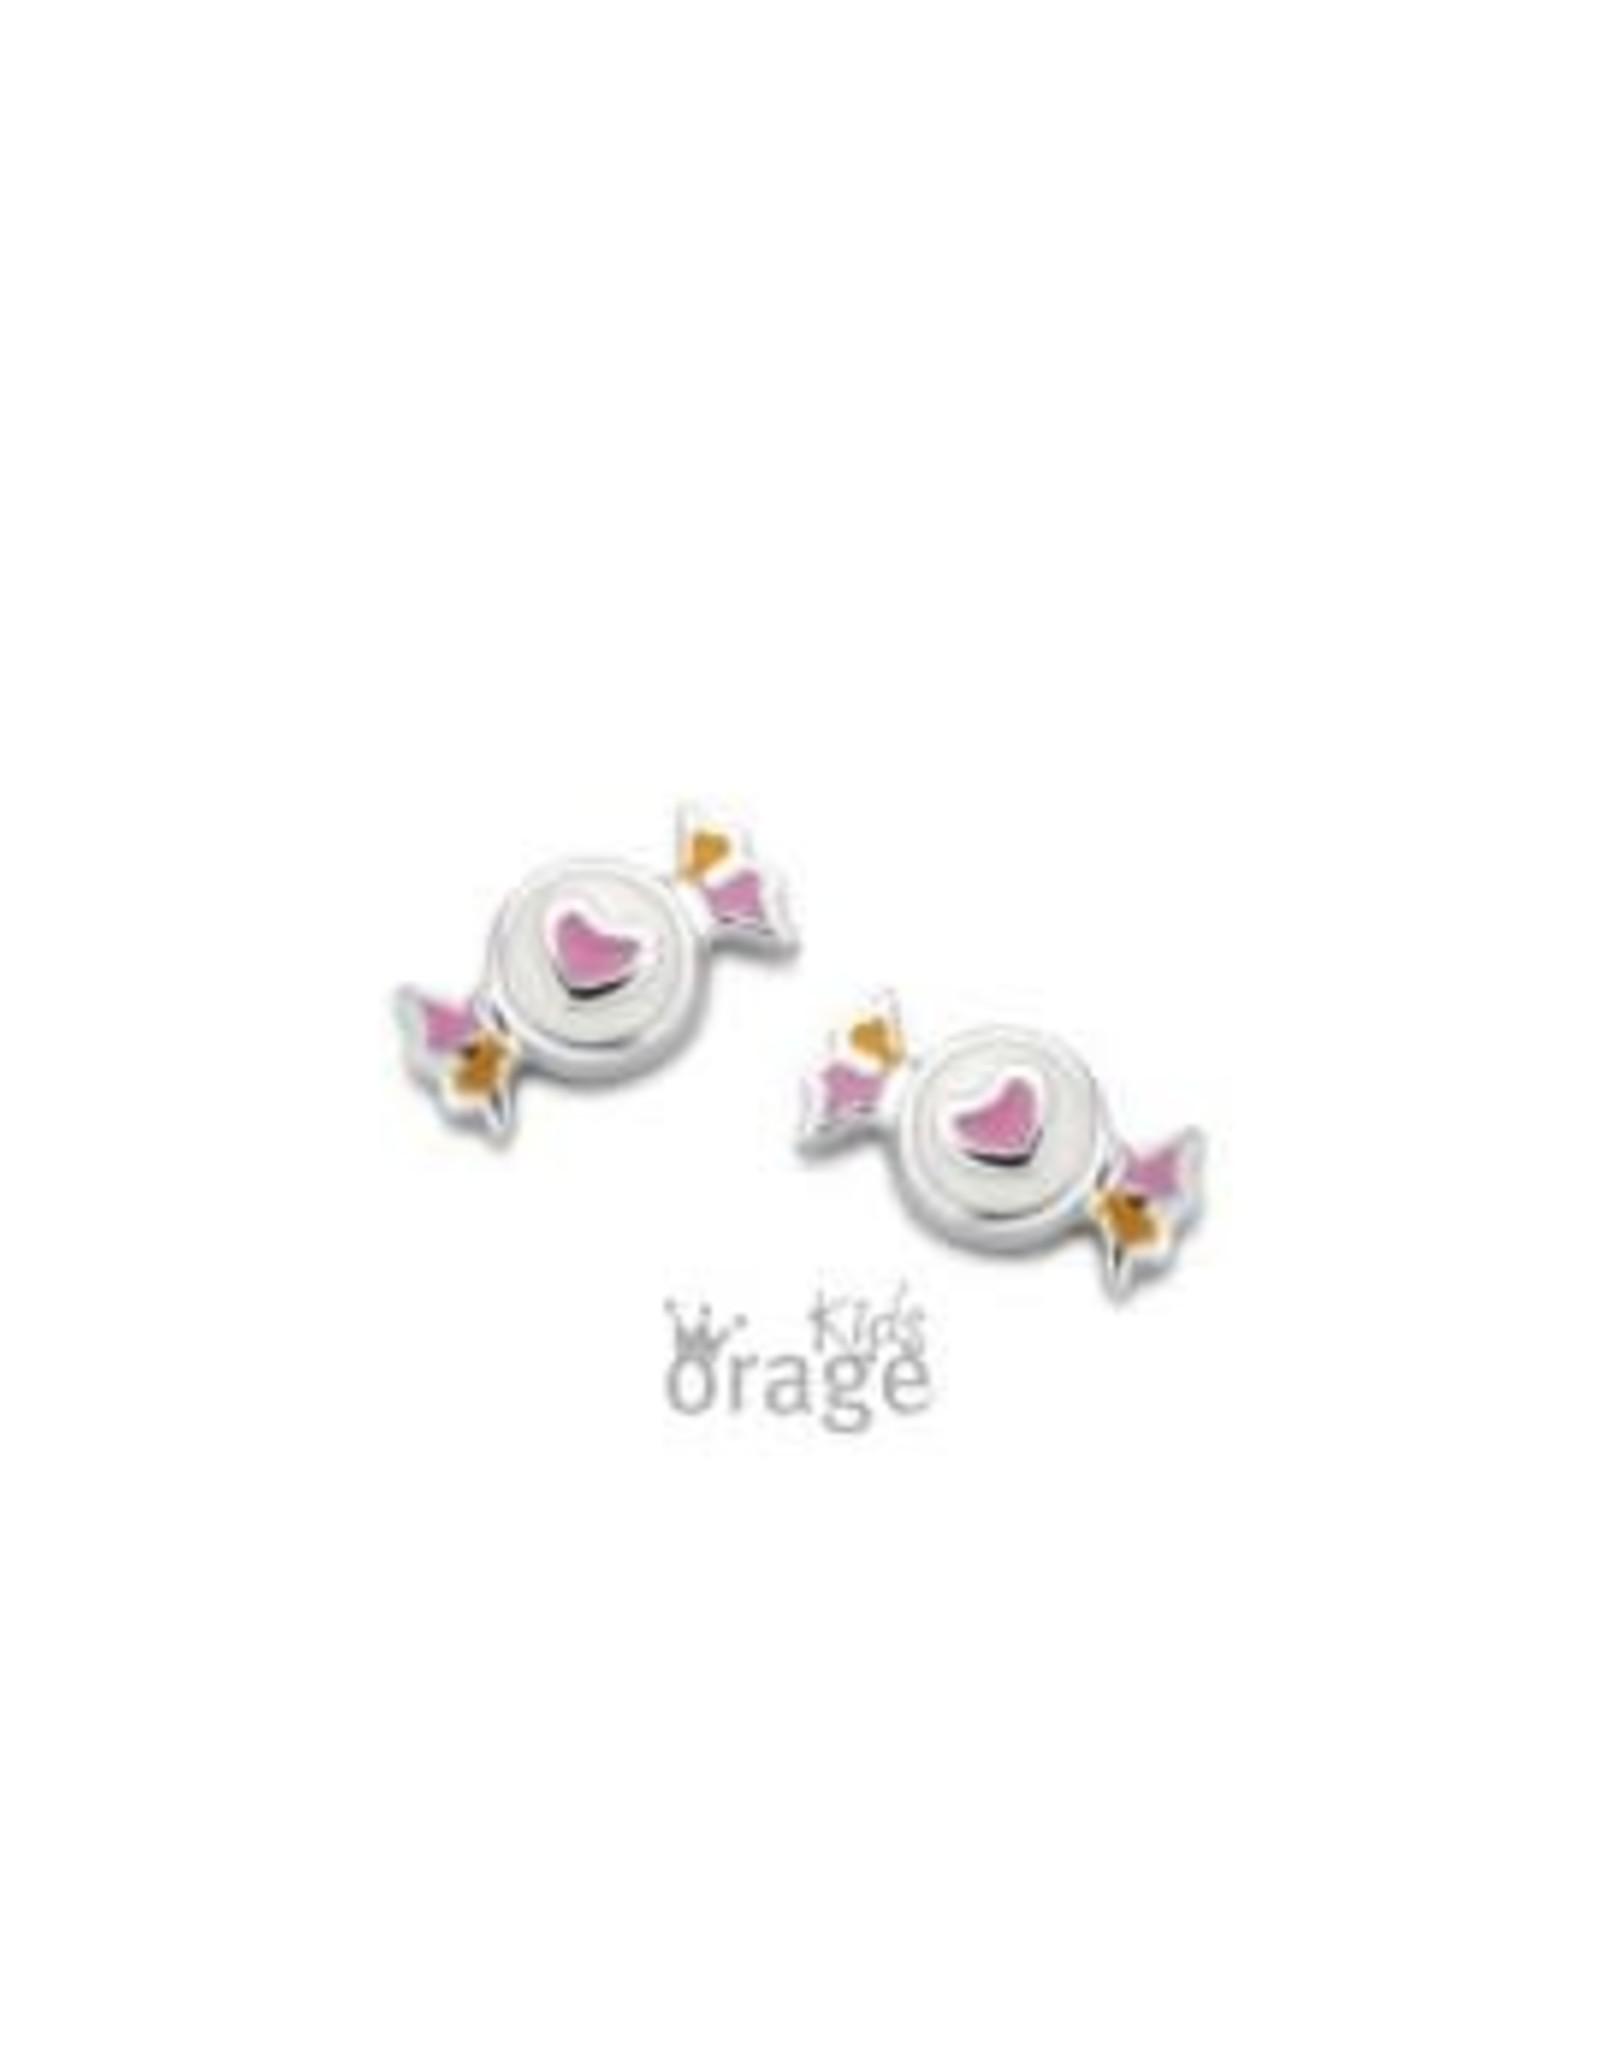 Orage Kids Oorbellen Orage Kids K2072 Snoepje Roze Geel Zilver